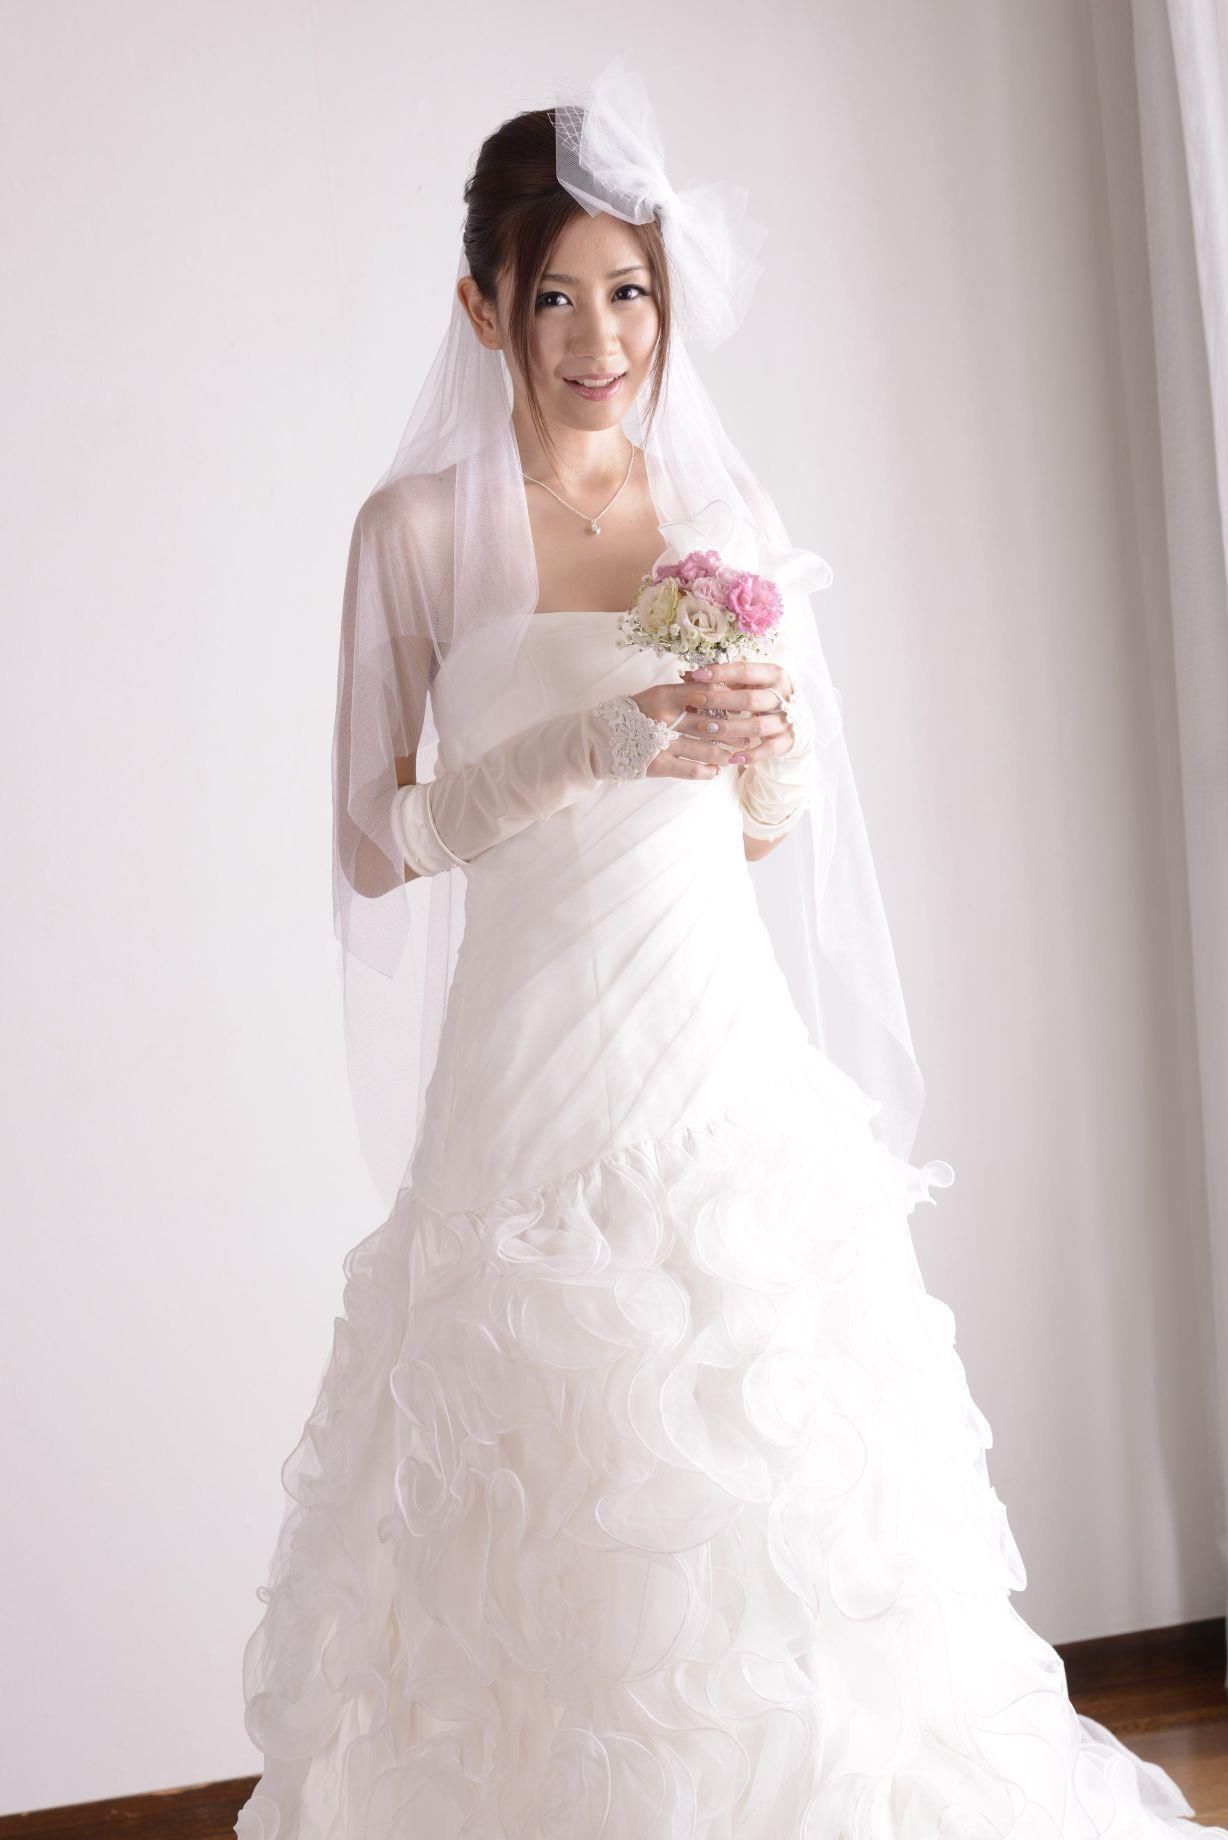 前田かおり ウェディングドレス画像 12